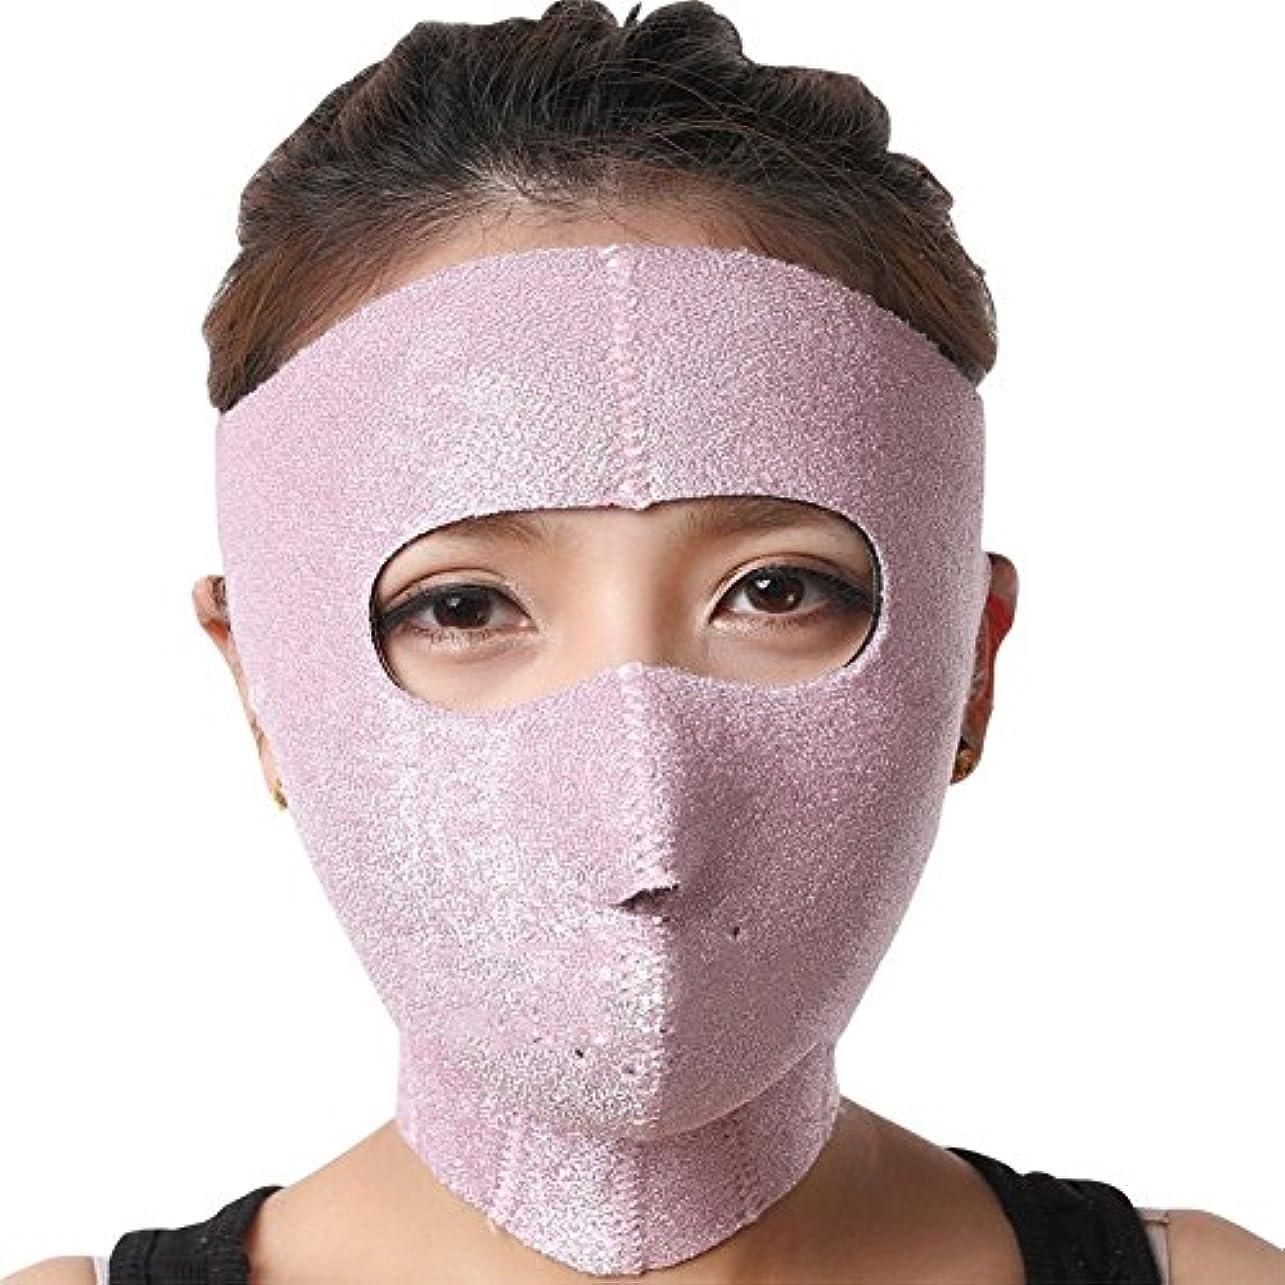 押し下げるボランティアアパル小顔サウナマスク ゲルマニウム 小顔矯正 マスク